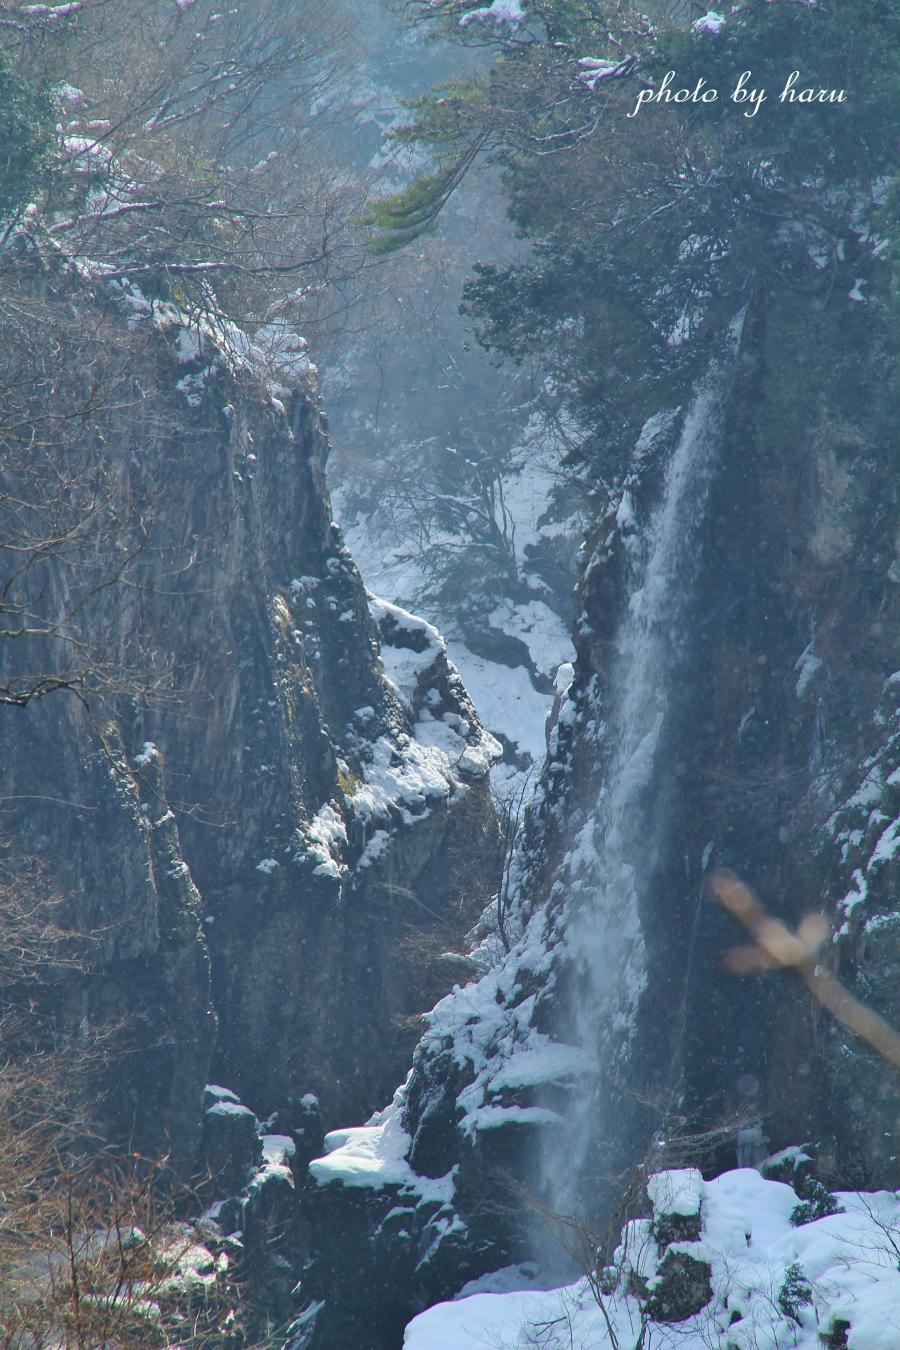 寒の滝_f0297537_16283834.jpg